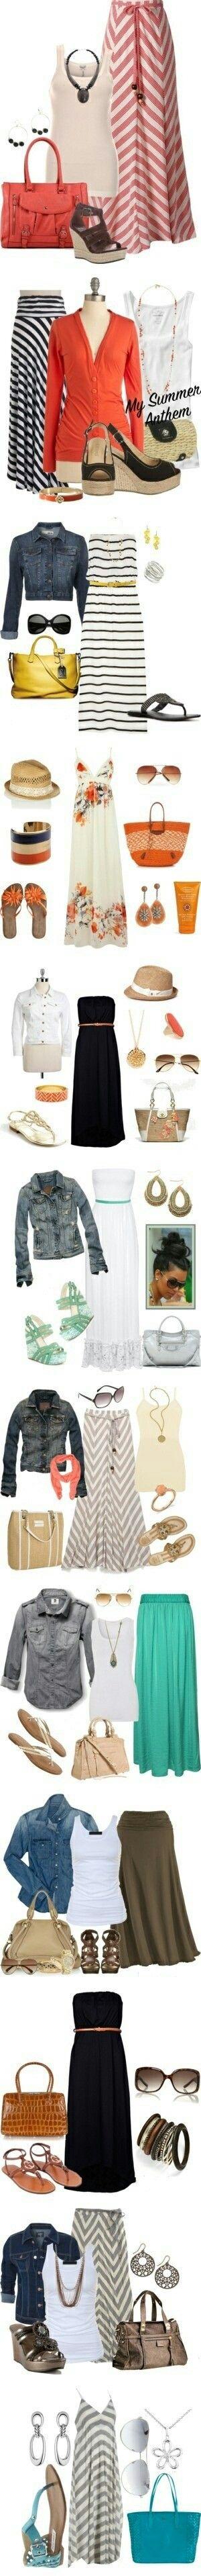 Meest ideale zomer outfit; lange jurk of rok. Staat mooi als je lang bent. Hier kan je mij in uittekenen ;)